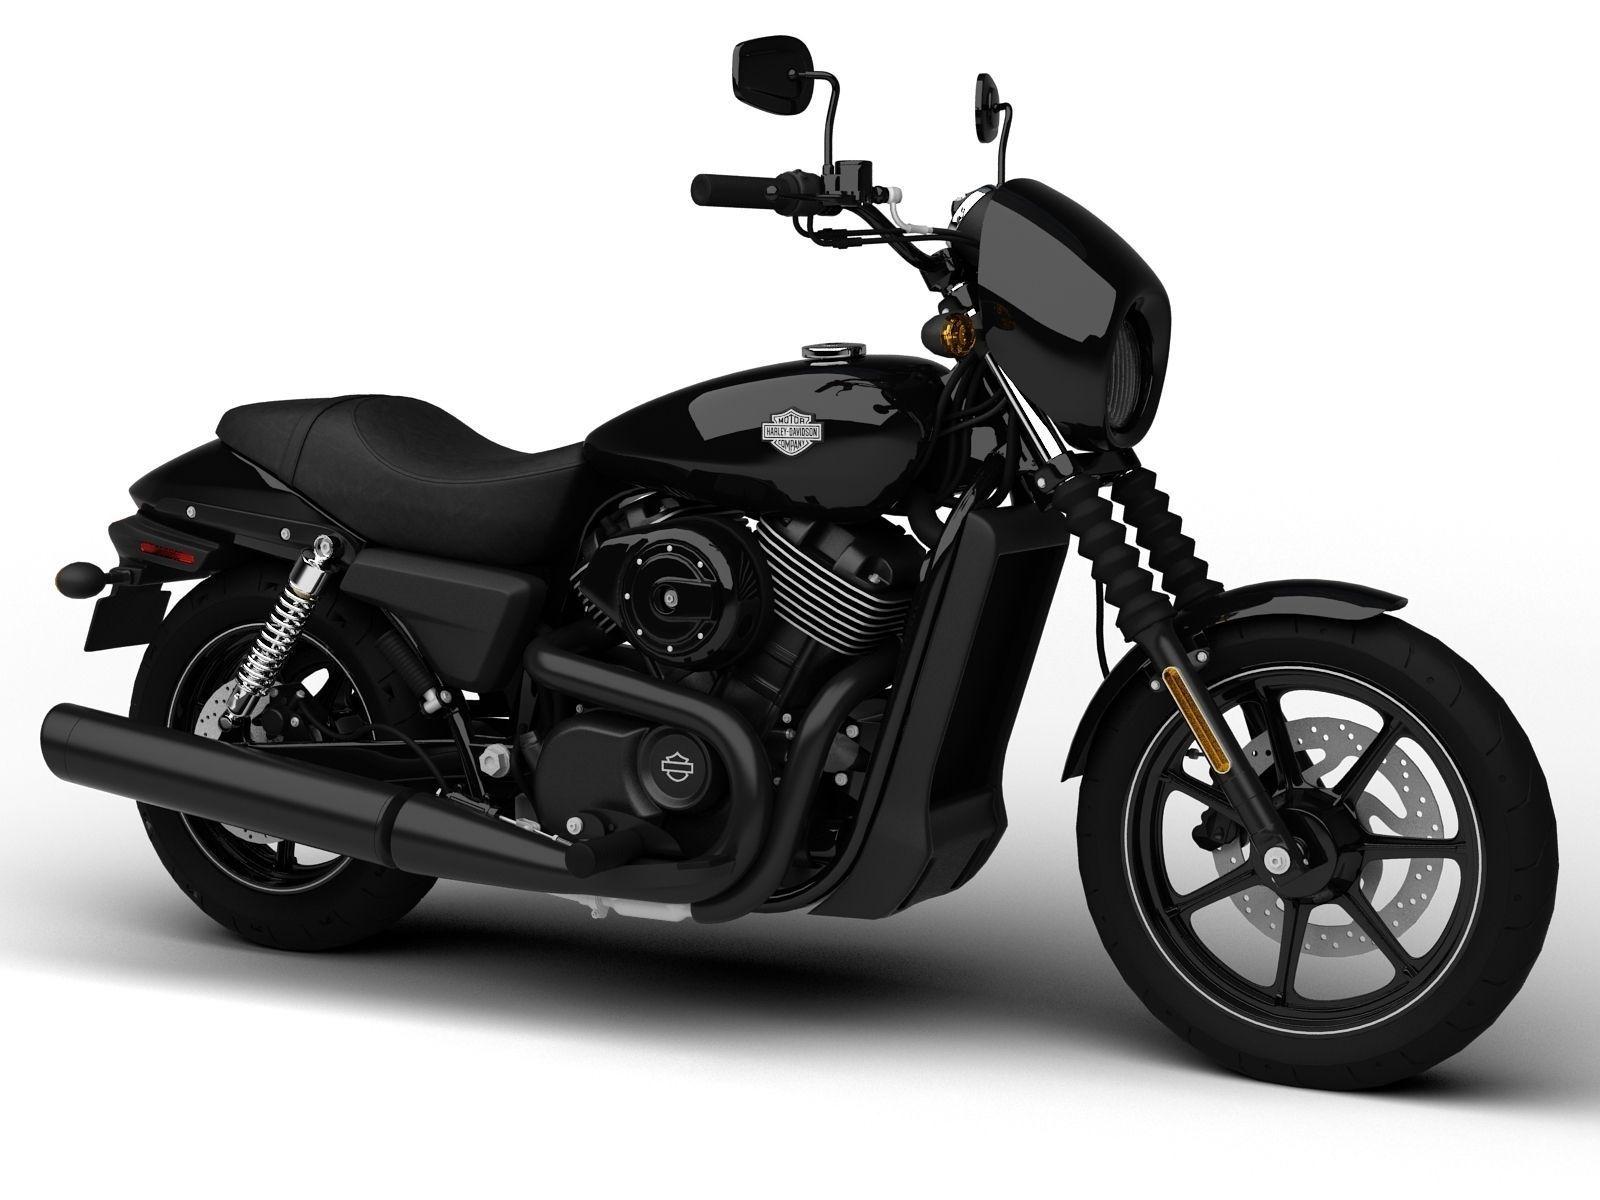 2015 Harley Street 750 >> Harley-Davidson Street 750 2015 3D Model MAX 3DS FBX C4D DXF MTL | CGTrader.com